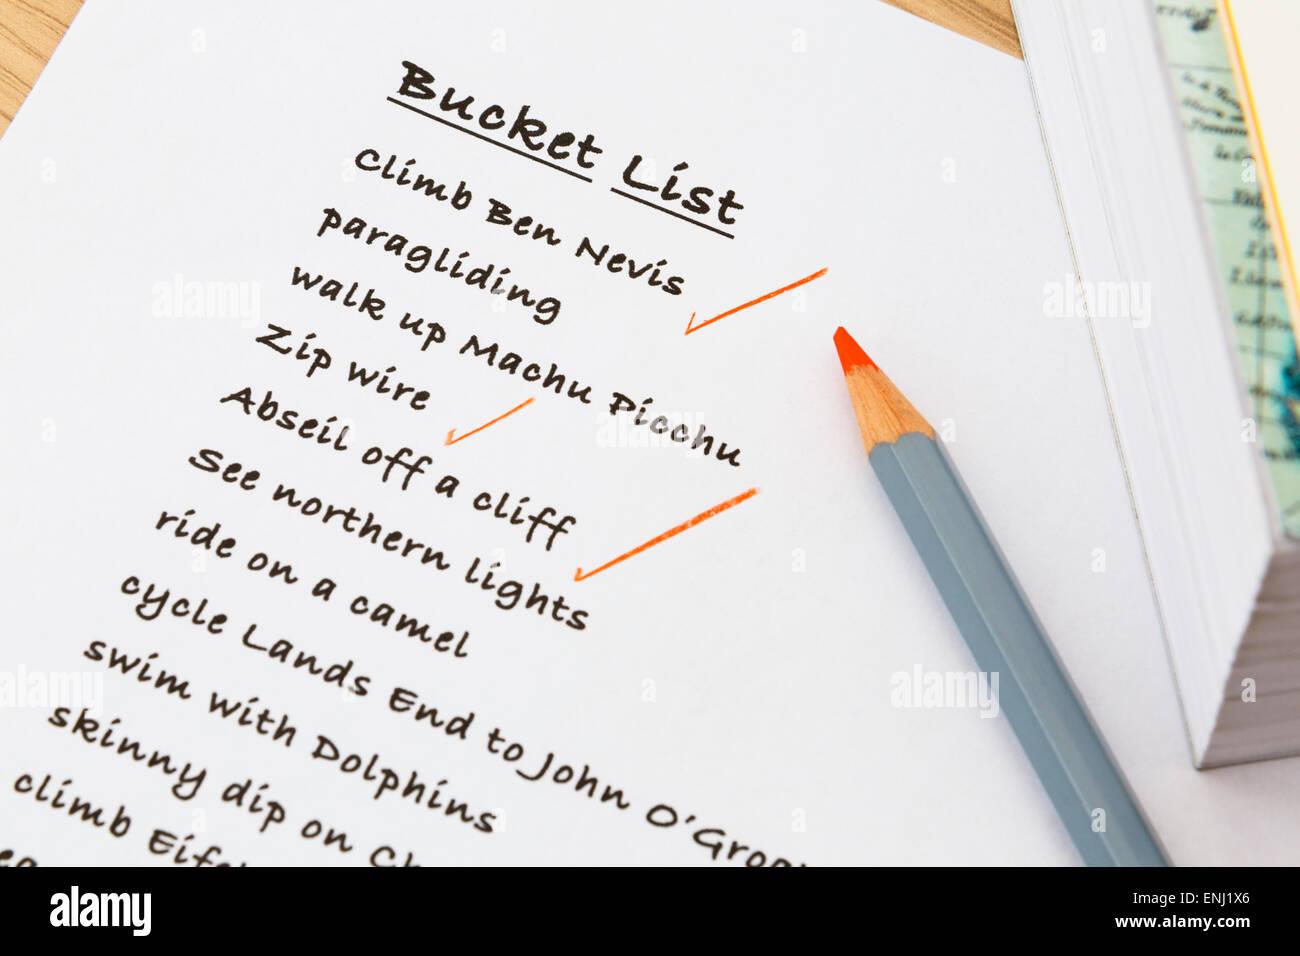 Inglese persona della benna elenco di cose da fare scritto su notepaper con alcuni risultati segnare in rosso. Wishful Immagini Stock